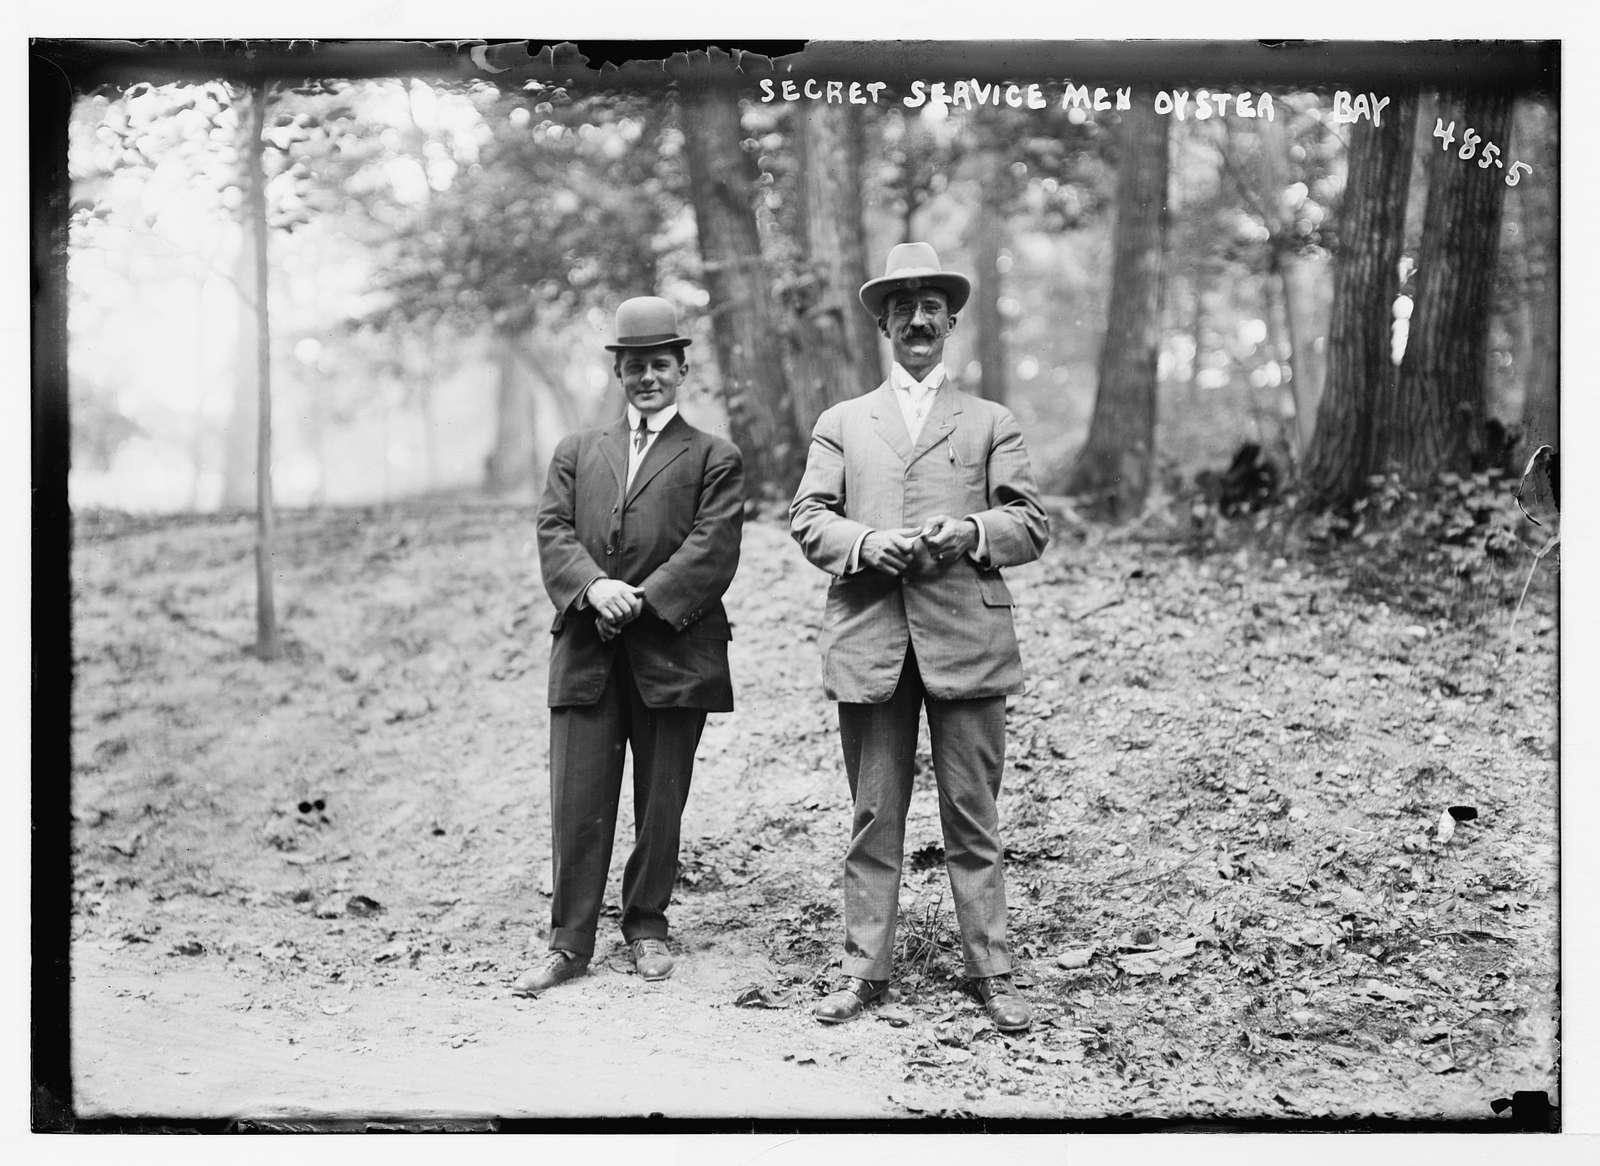 Secret Service men at Roosevelt Home, Oyster Bay